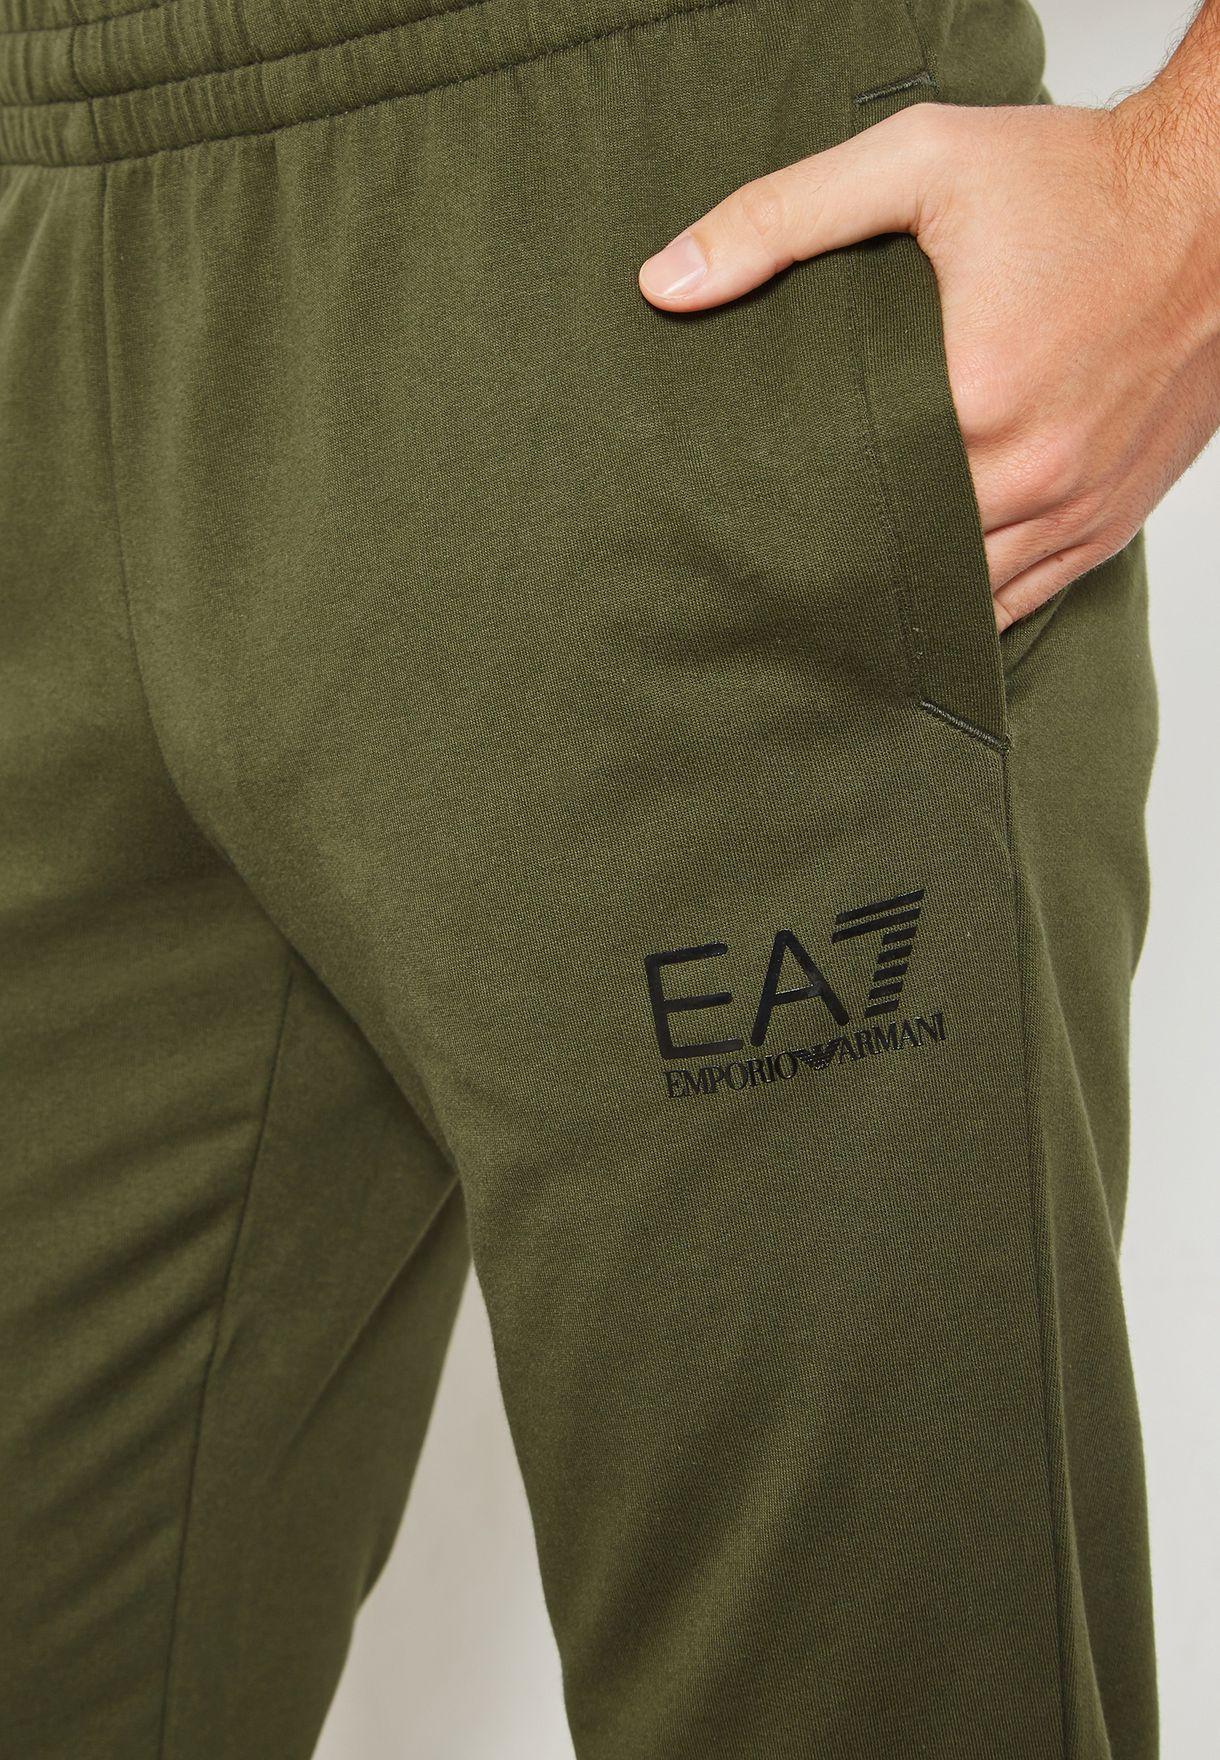 Train Core Cuffed Slim Fit Sweatpants